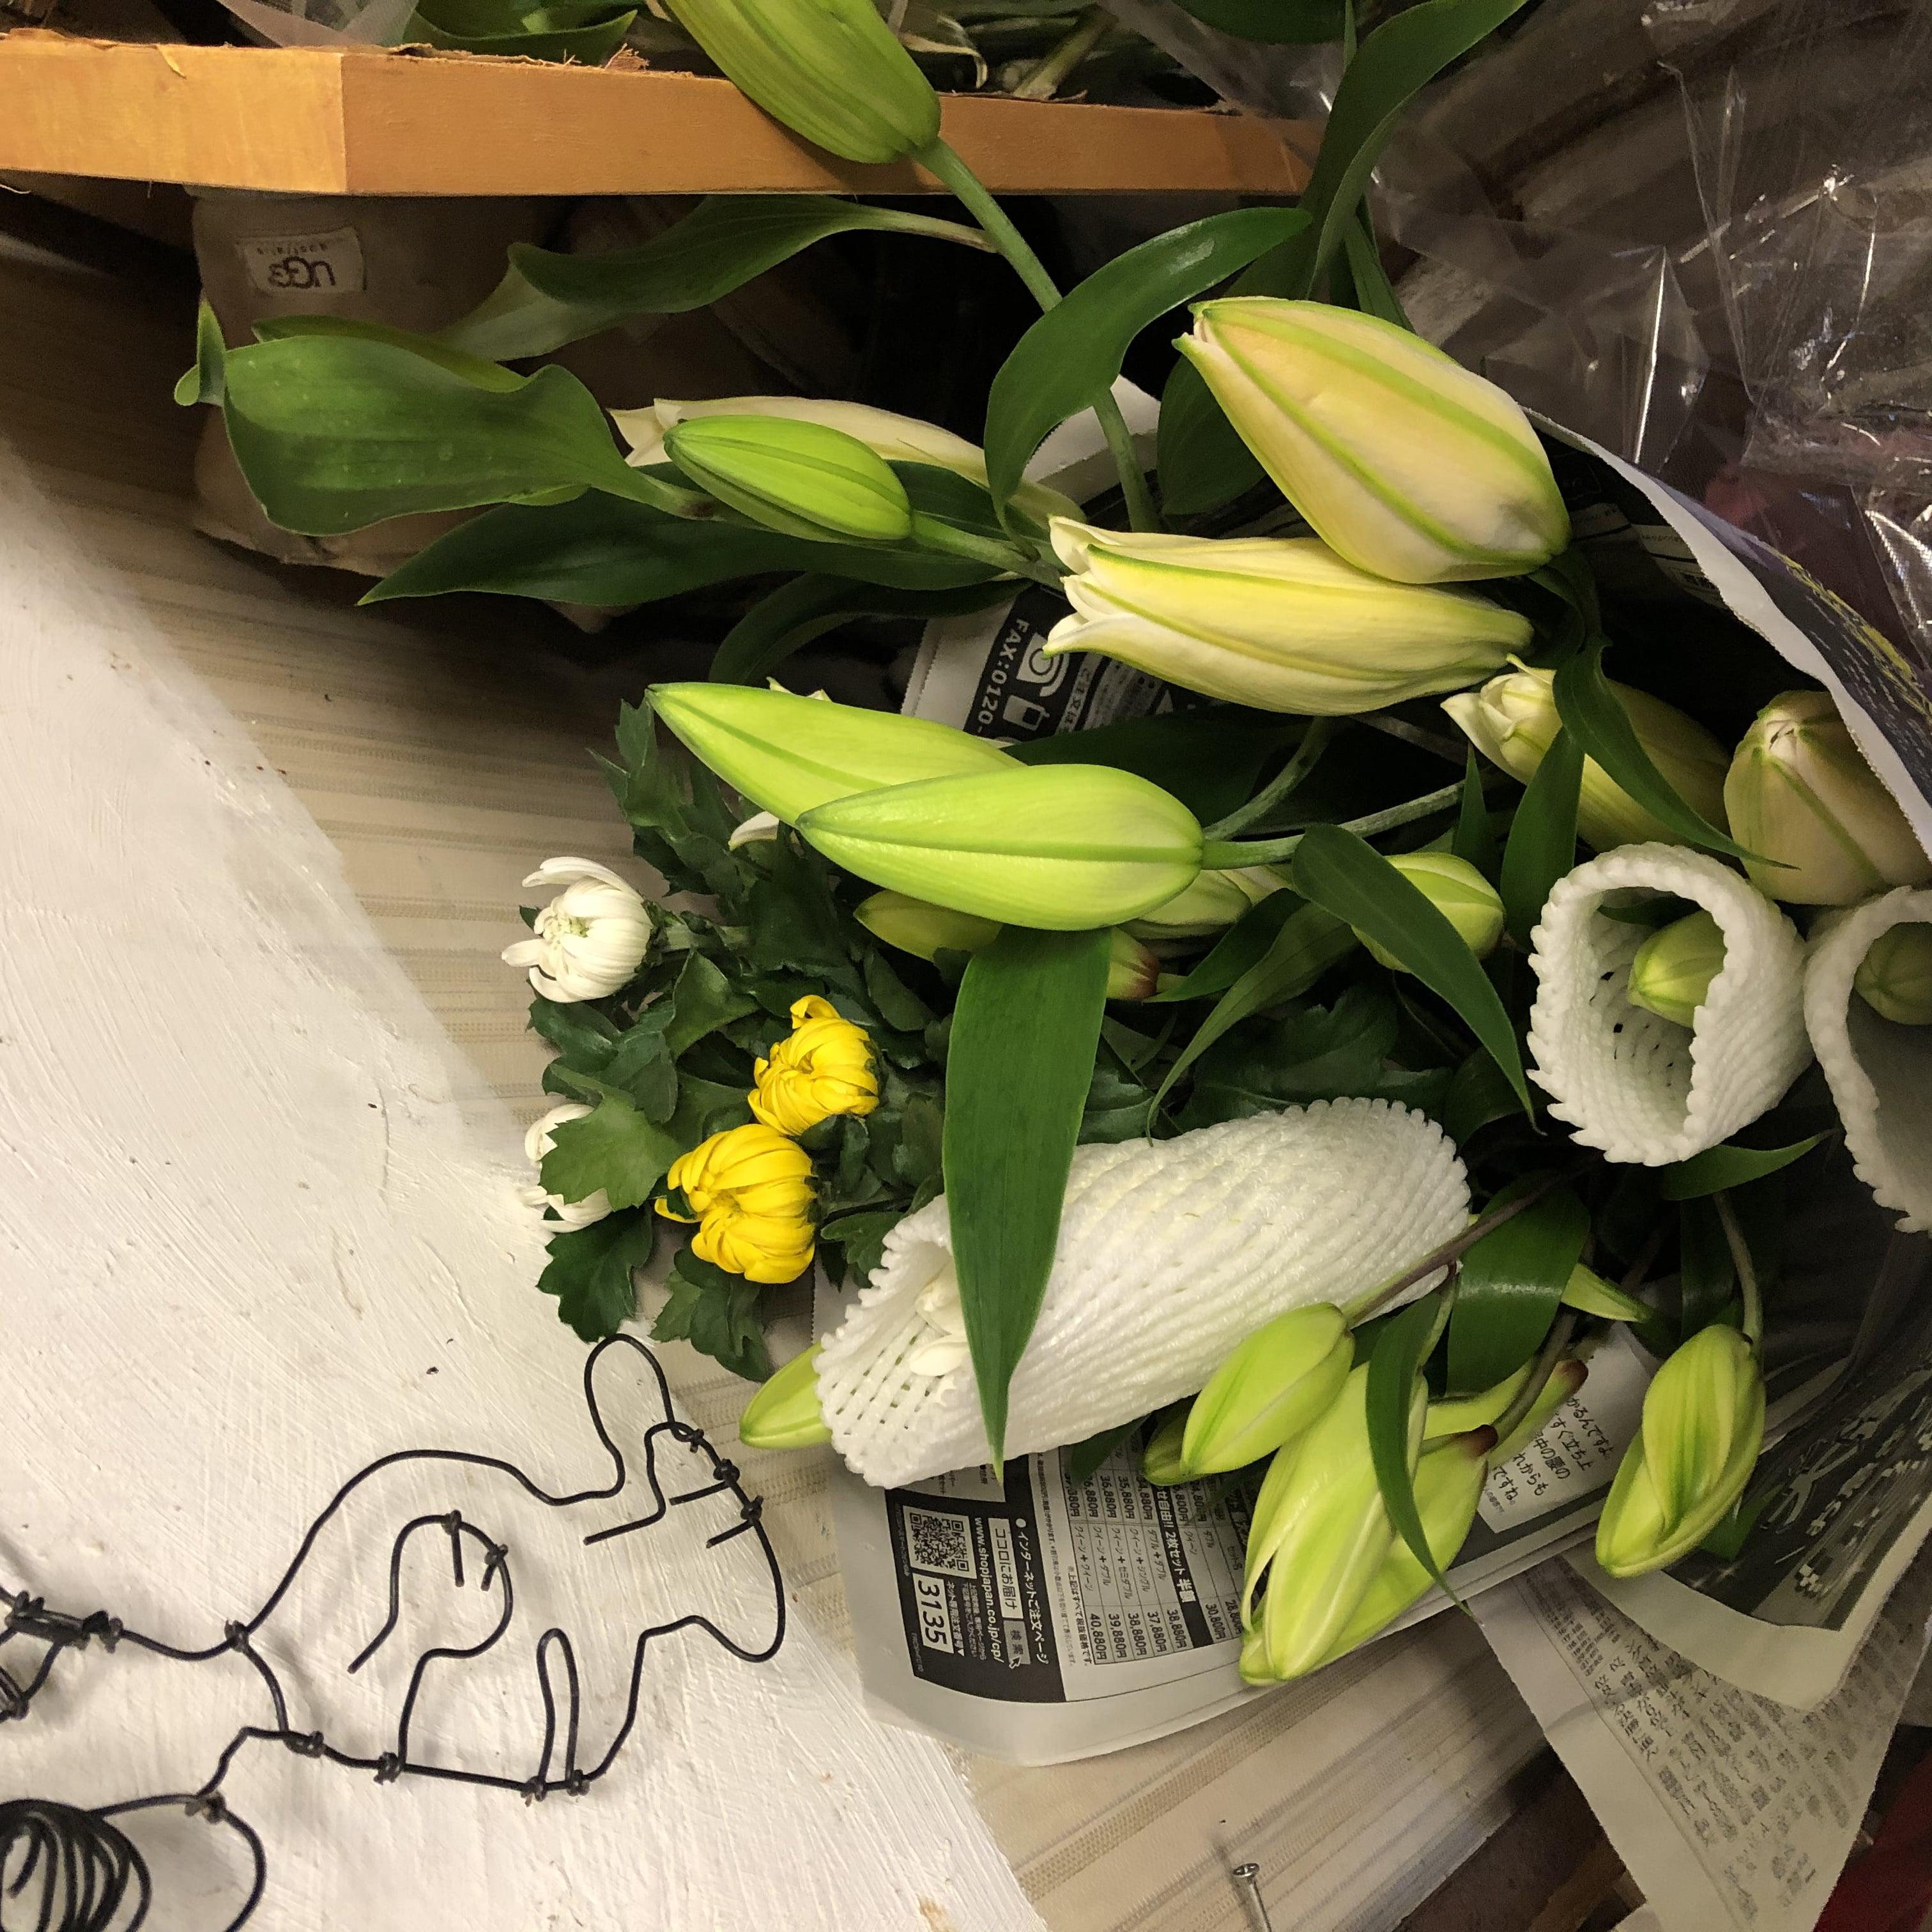 お盆に❗️コロナでお参りできない方もお墓参り 代参 お花をお供えして、簡単なお掃除をいたします。のイメージその1